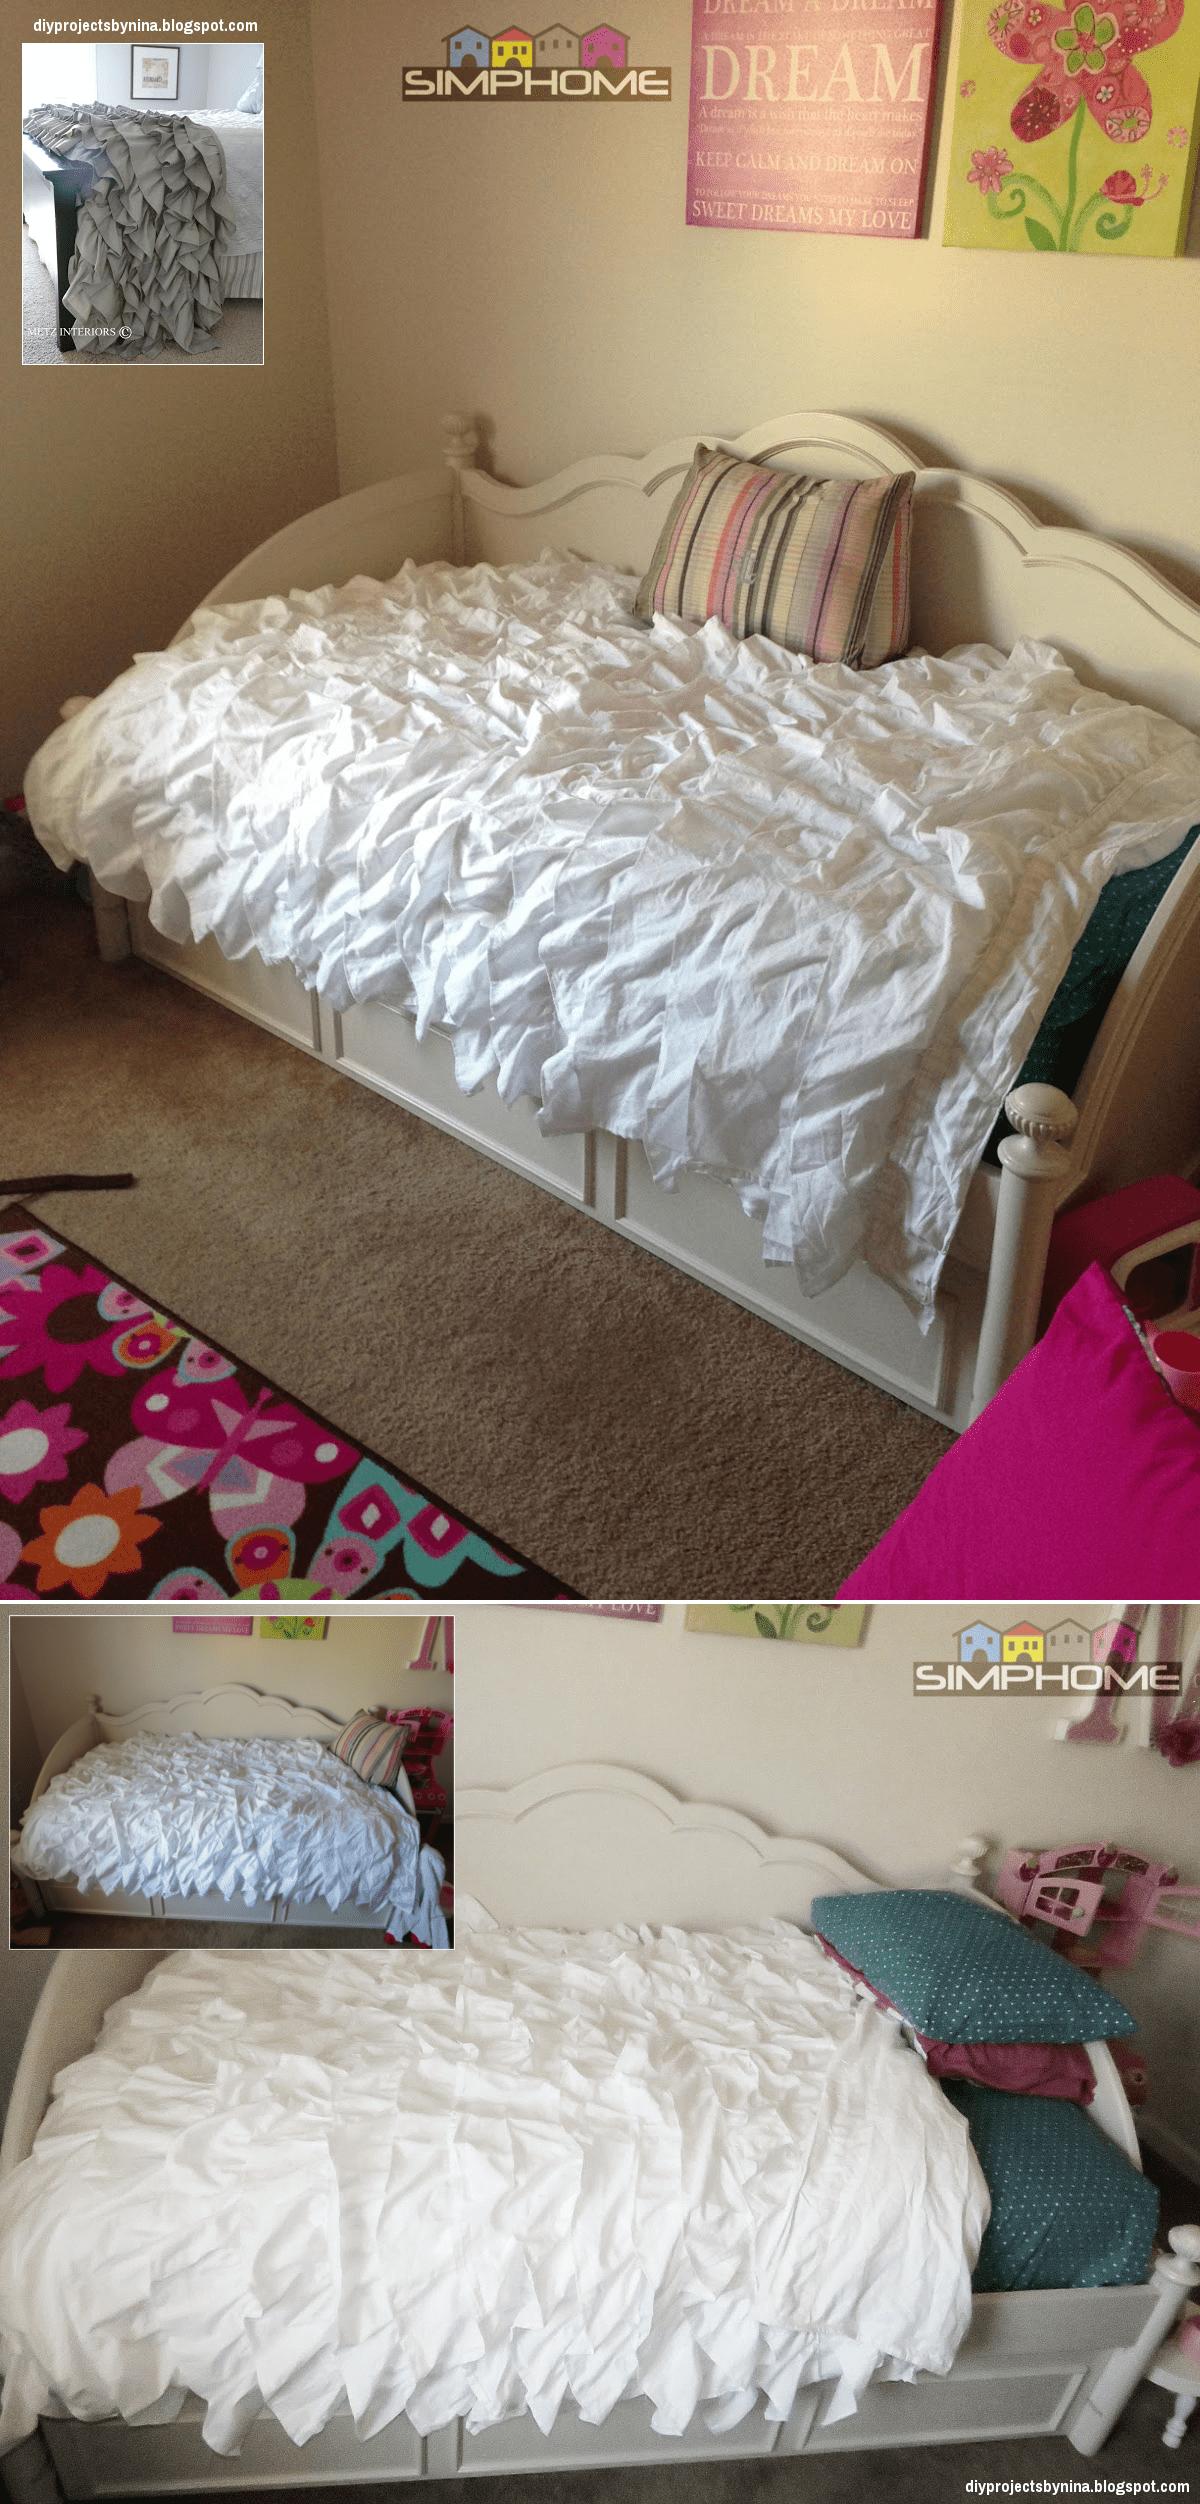 6.Shabby Chic Comforter via simphome.com